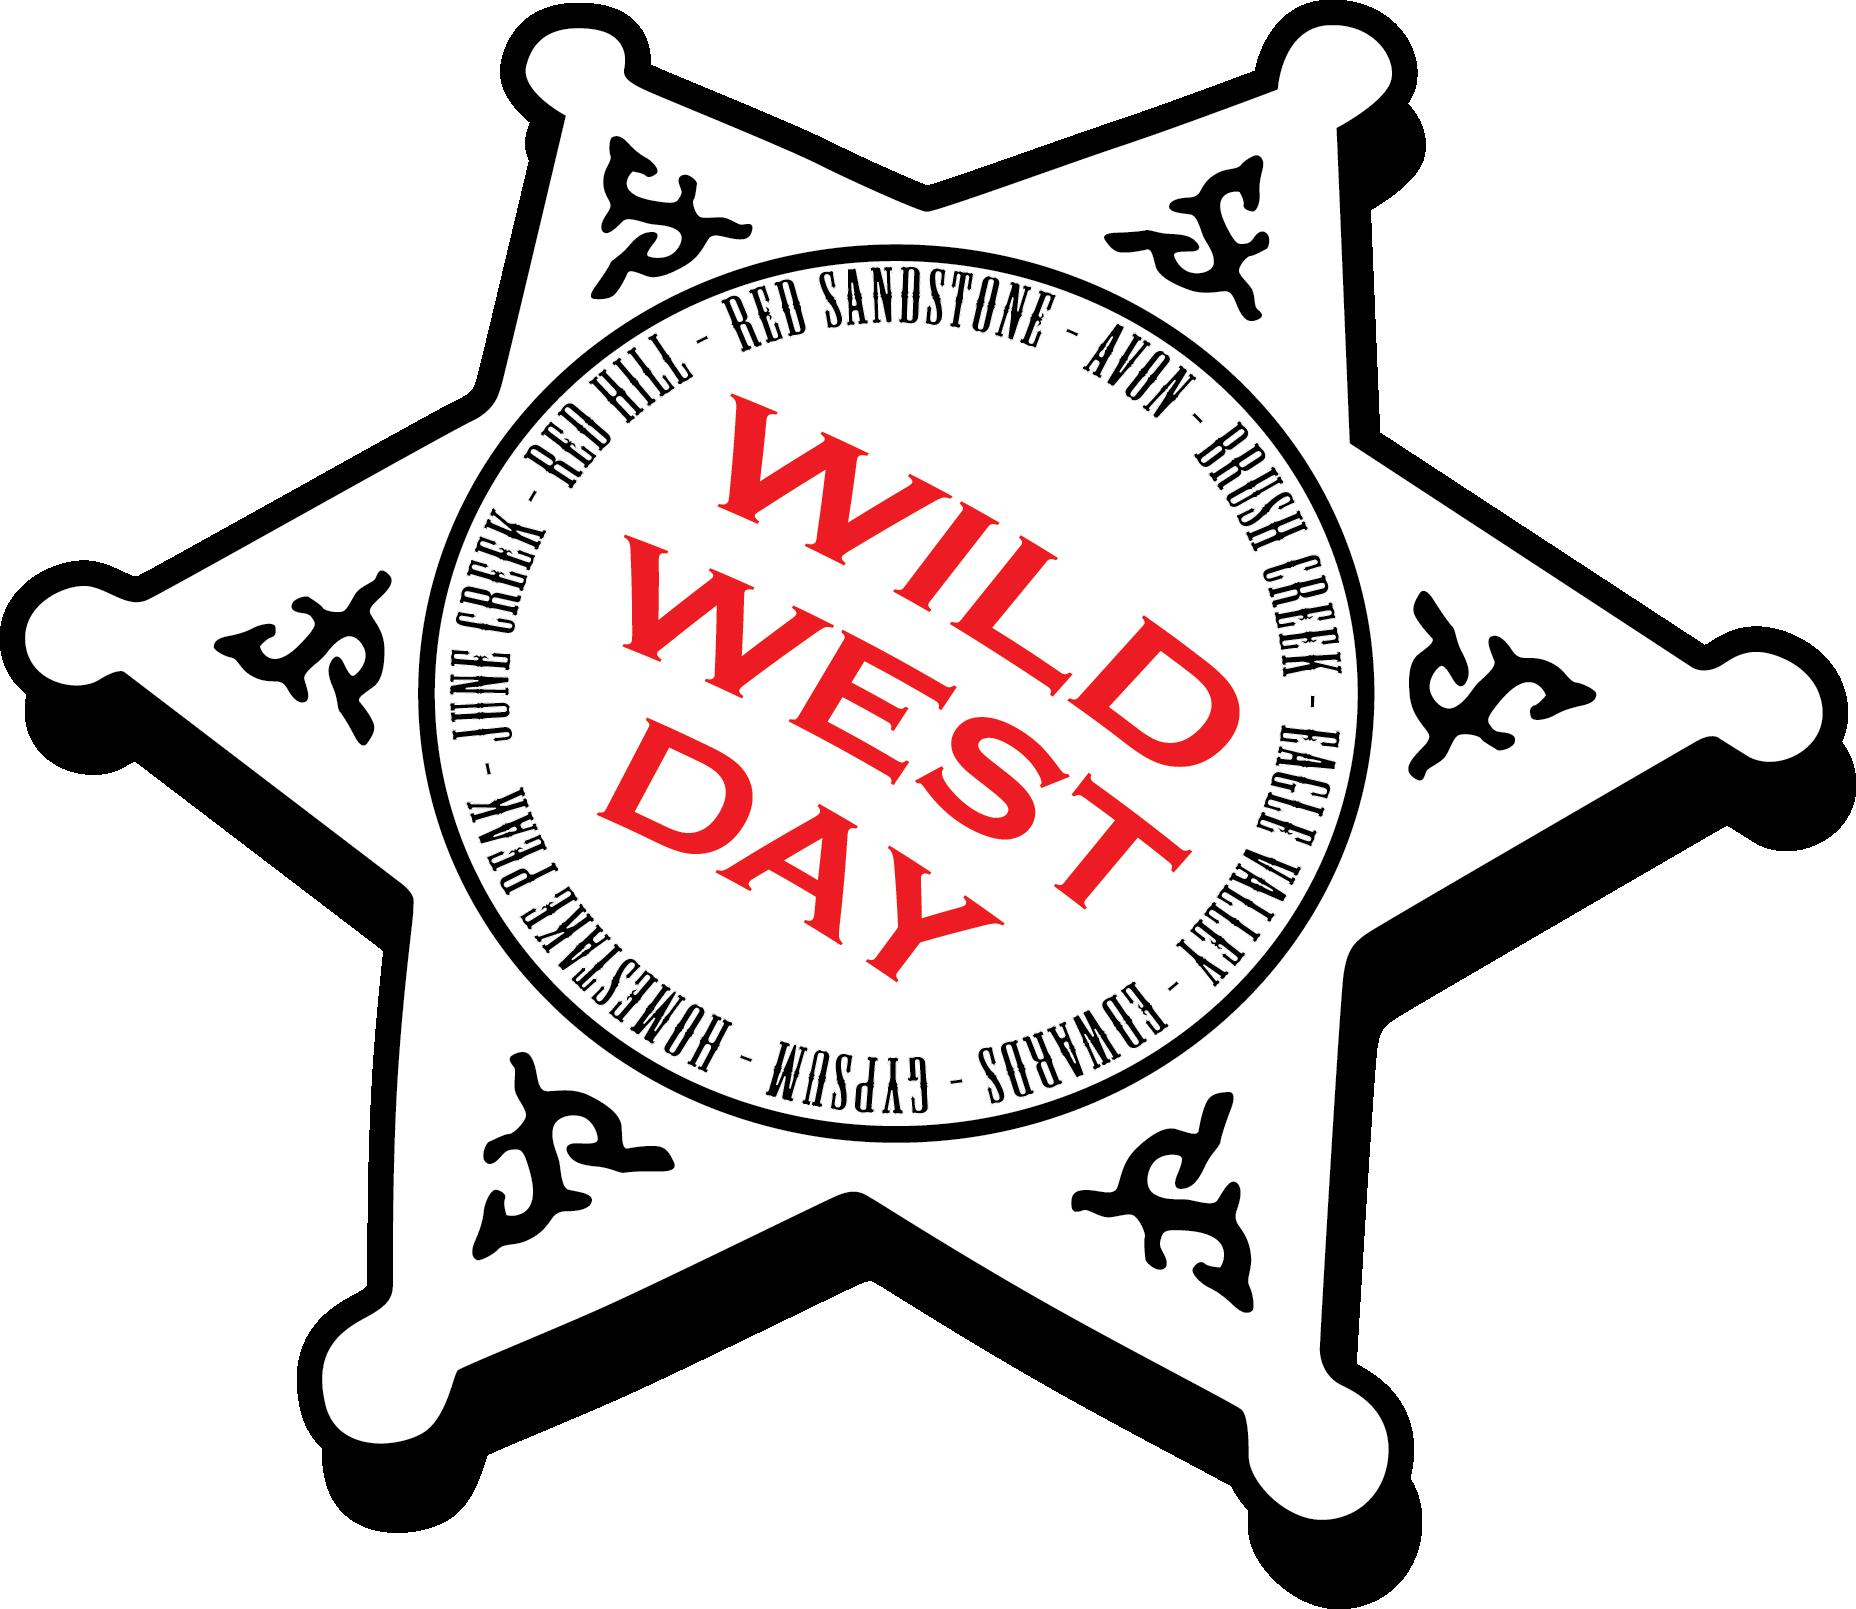 Wild West Day 2018